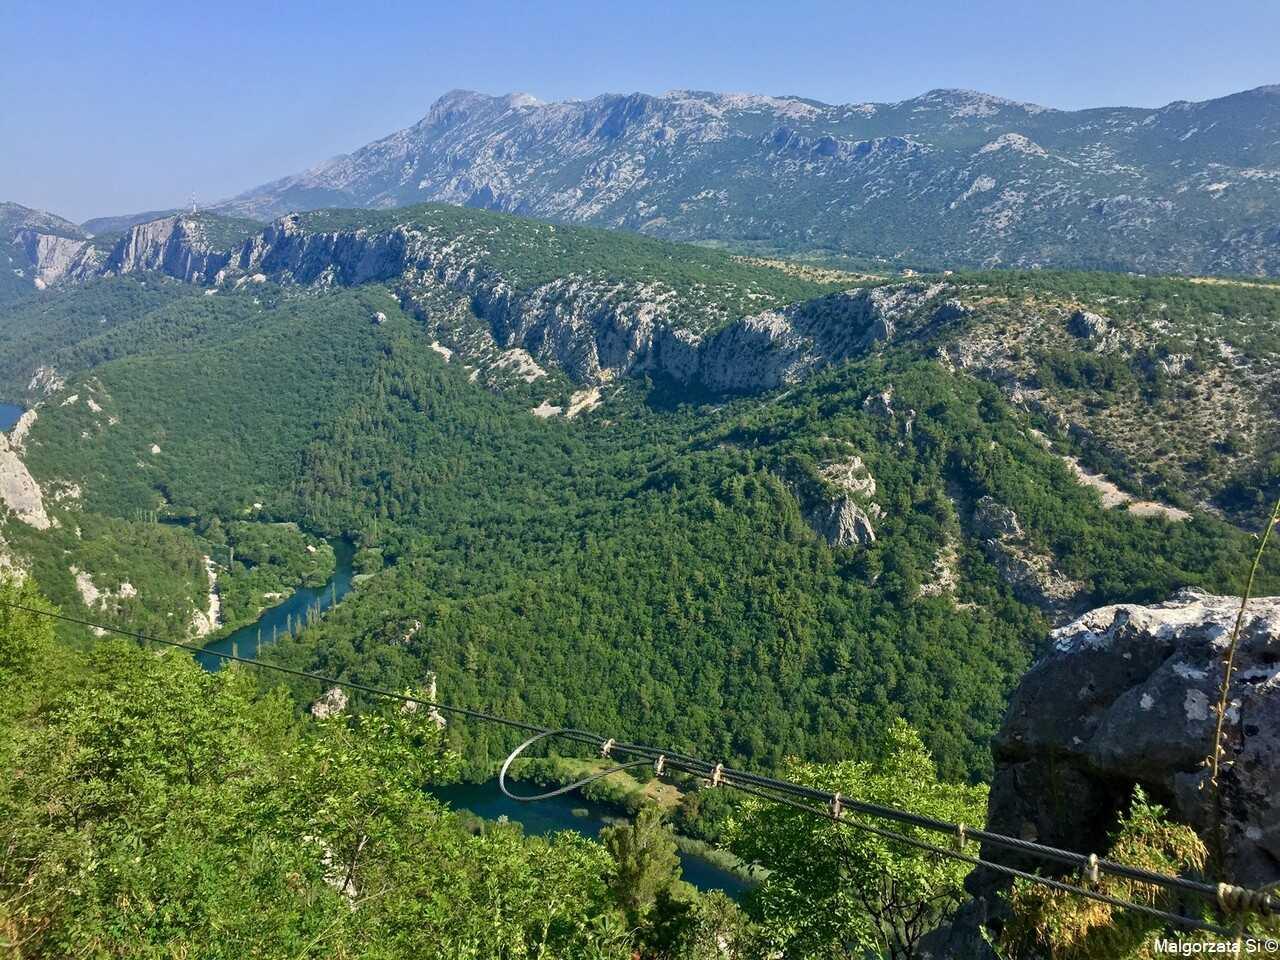 Forteresse d'Omis, Tyrolienne et Canyon de Cetina, un concentré de sensations 5